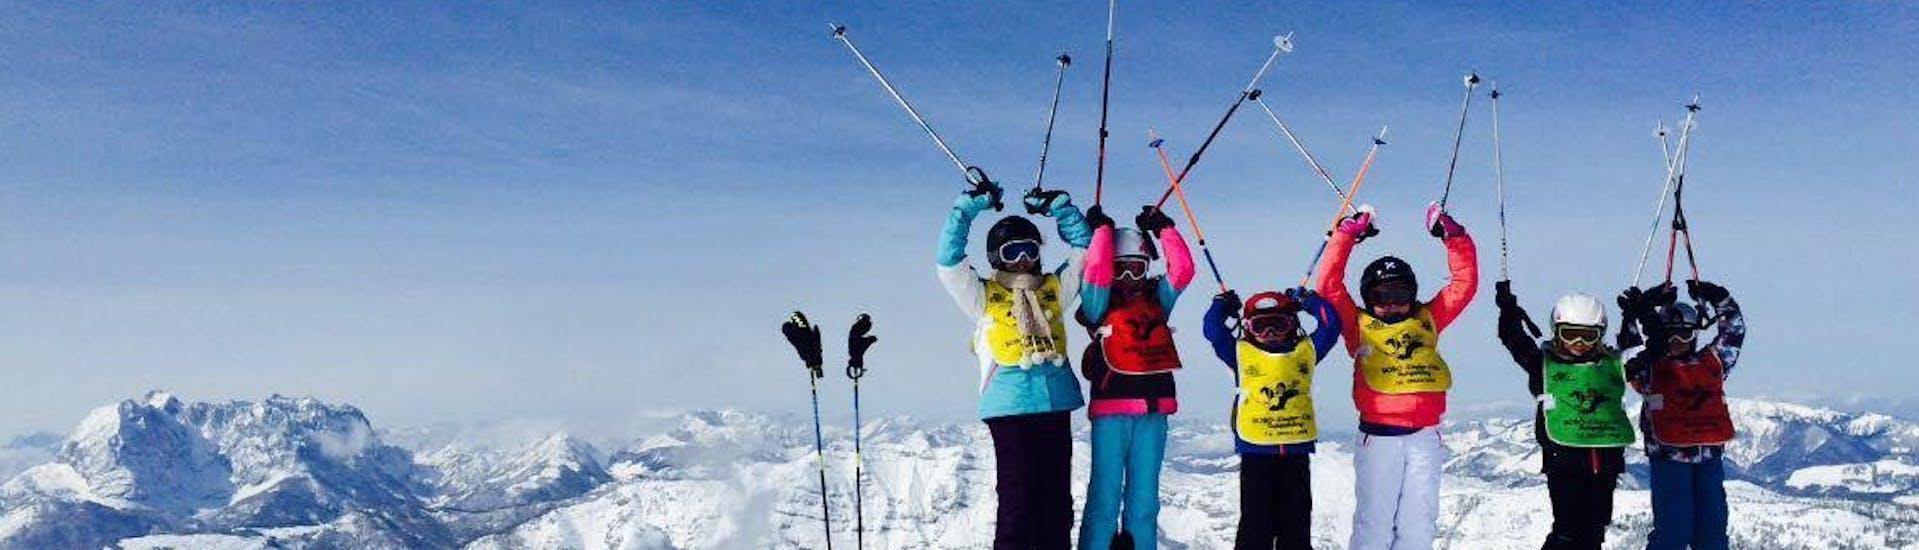 Kinder-Skikurs (5-15 J.) für Fortgeschrittene